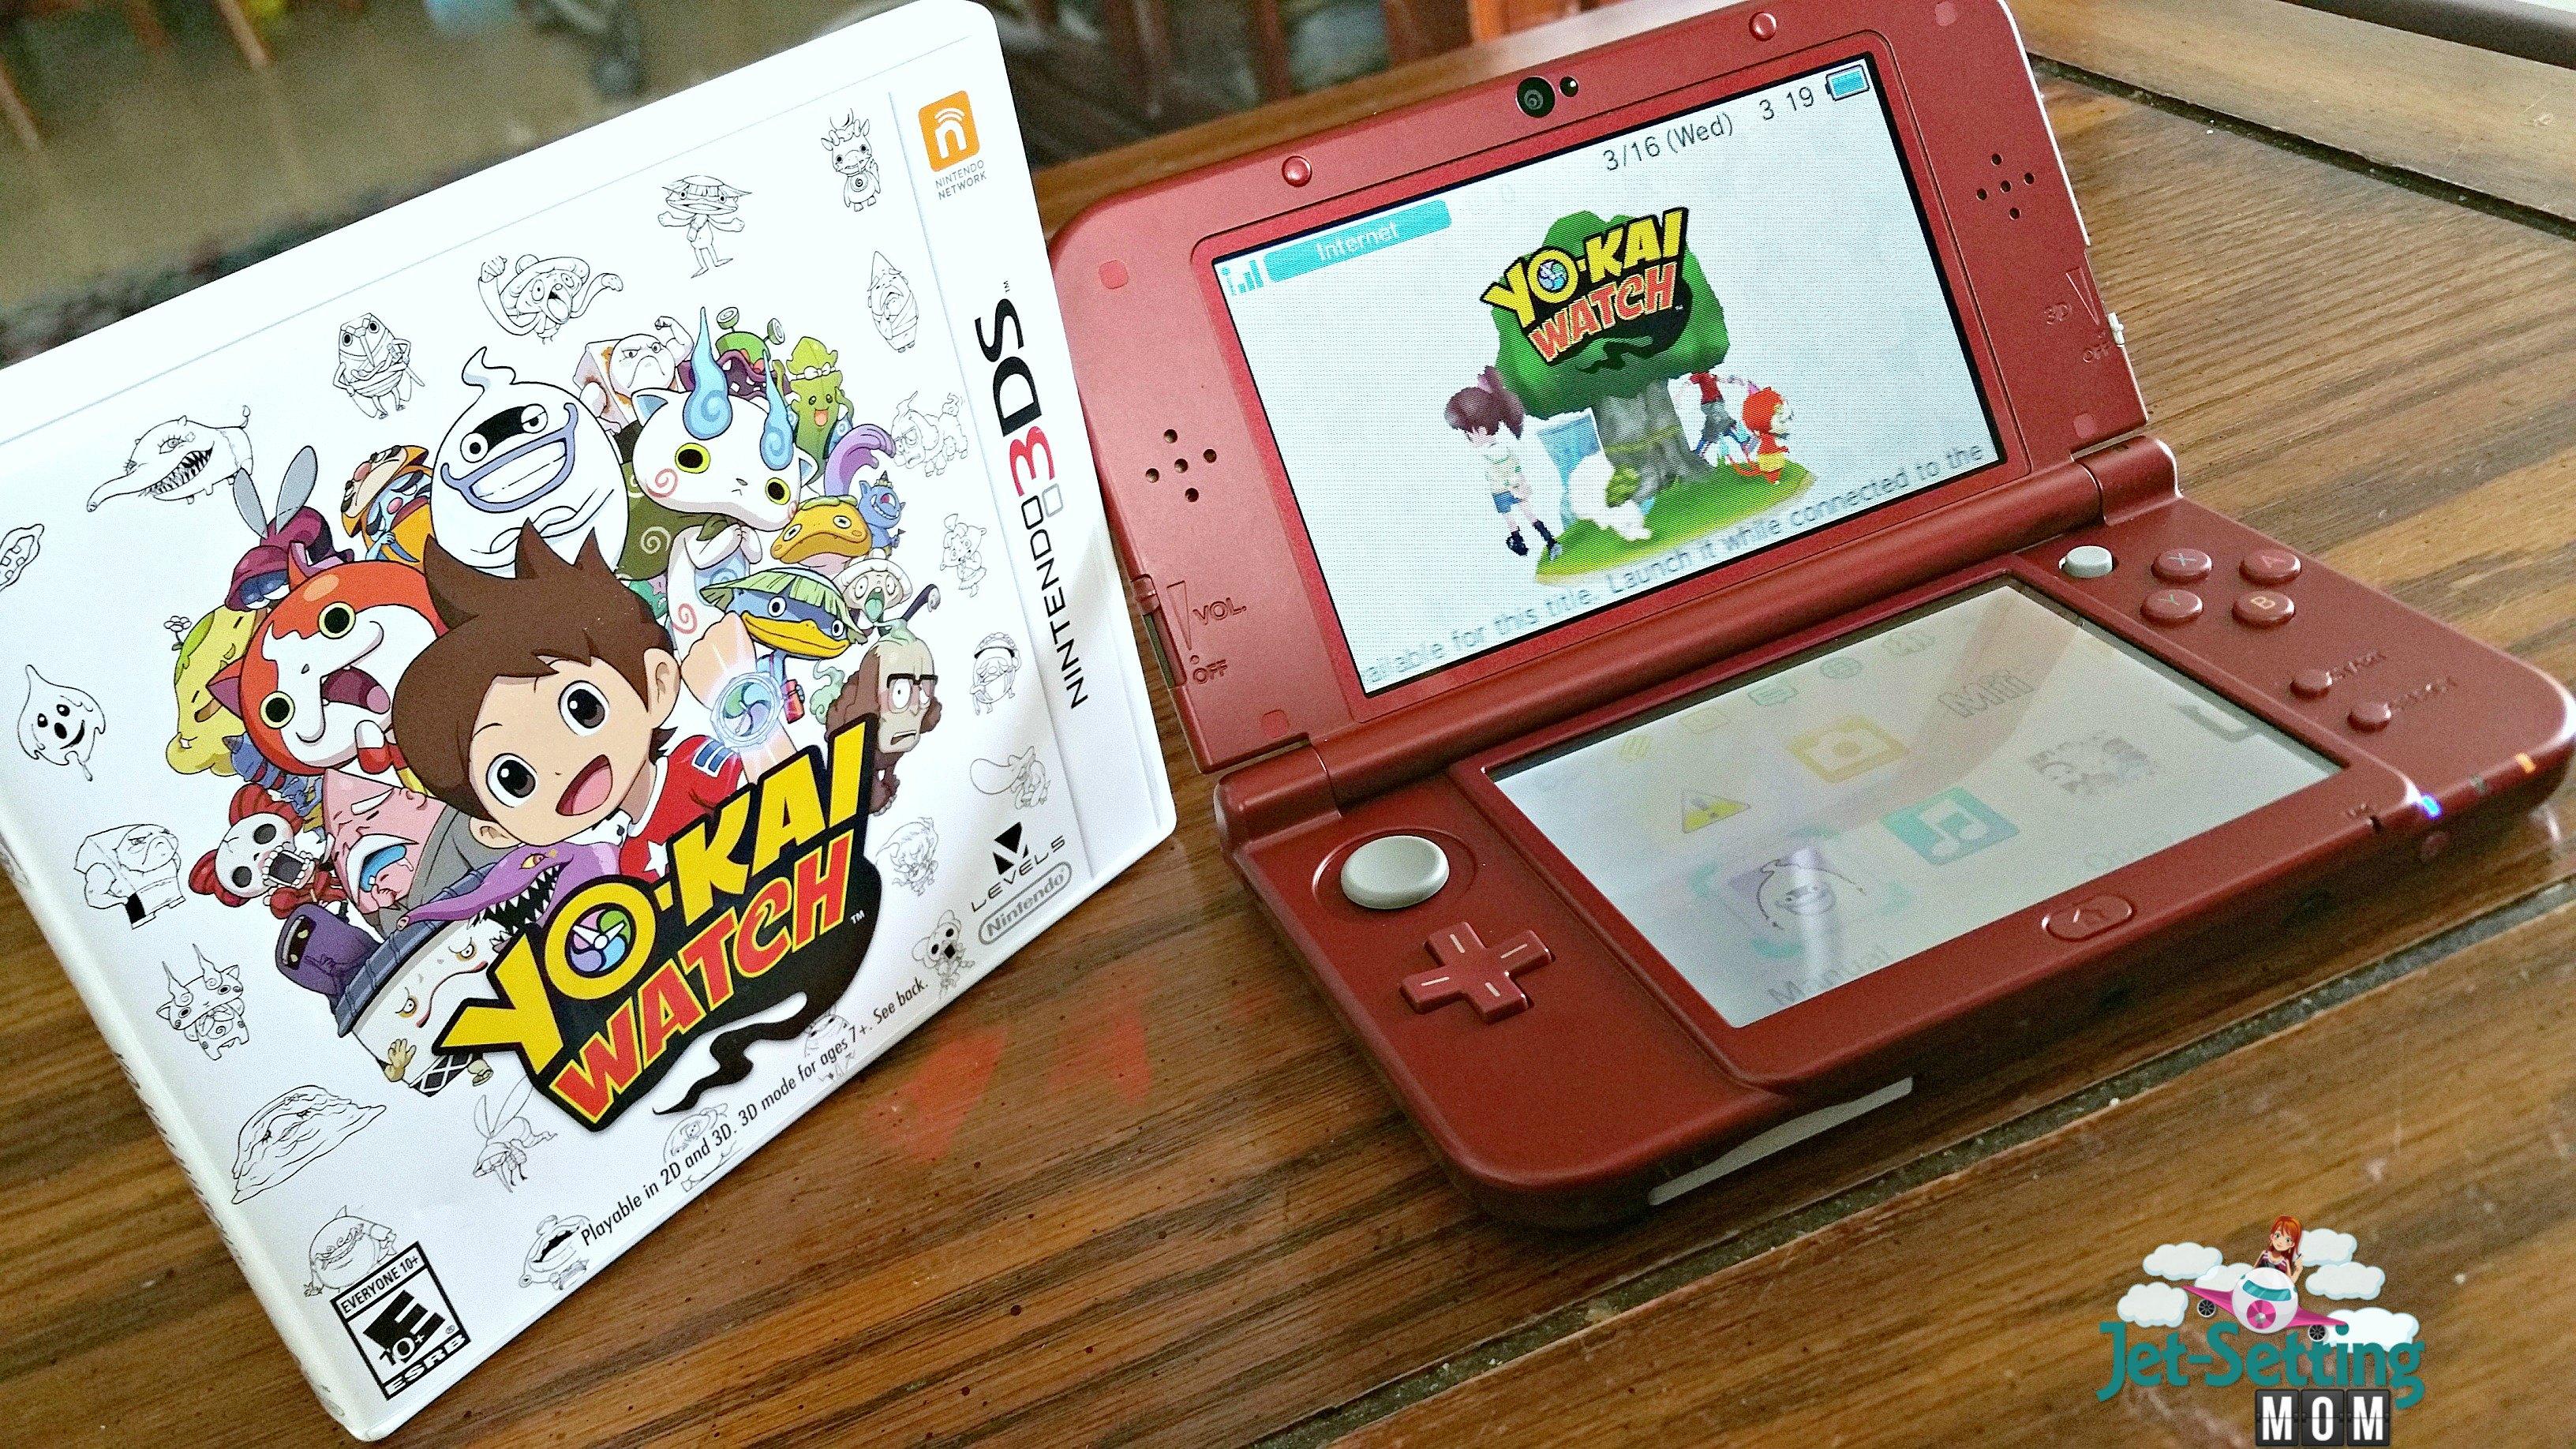 Nintendo Yo-Kai Watch Game on the 3DS XL